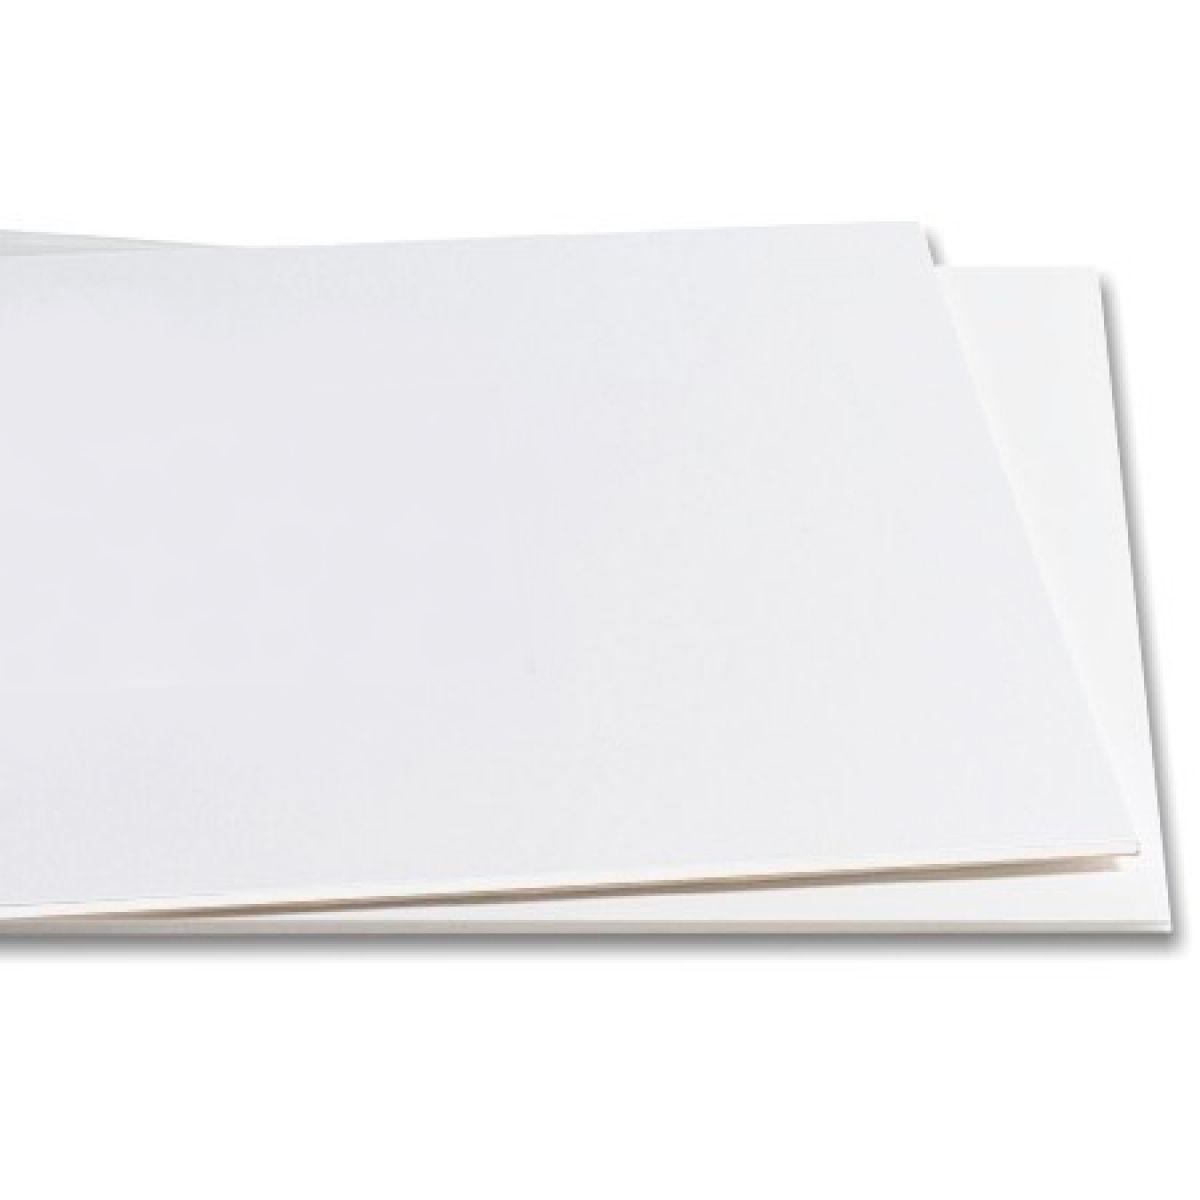 Papel Couche Brilho 250g A4 Embalagem Com 050 Folhas Phandora